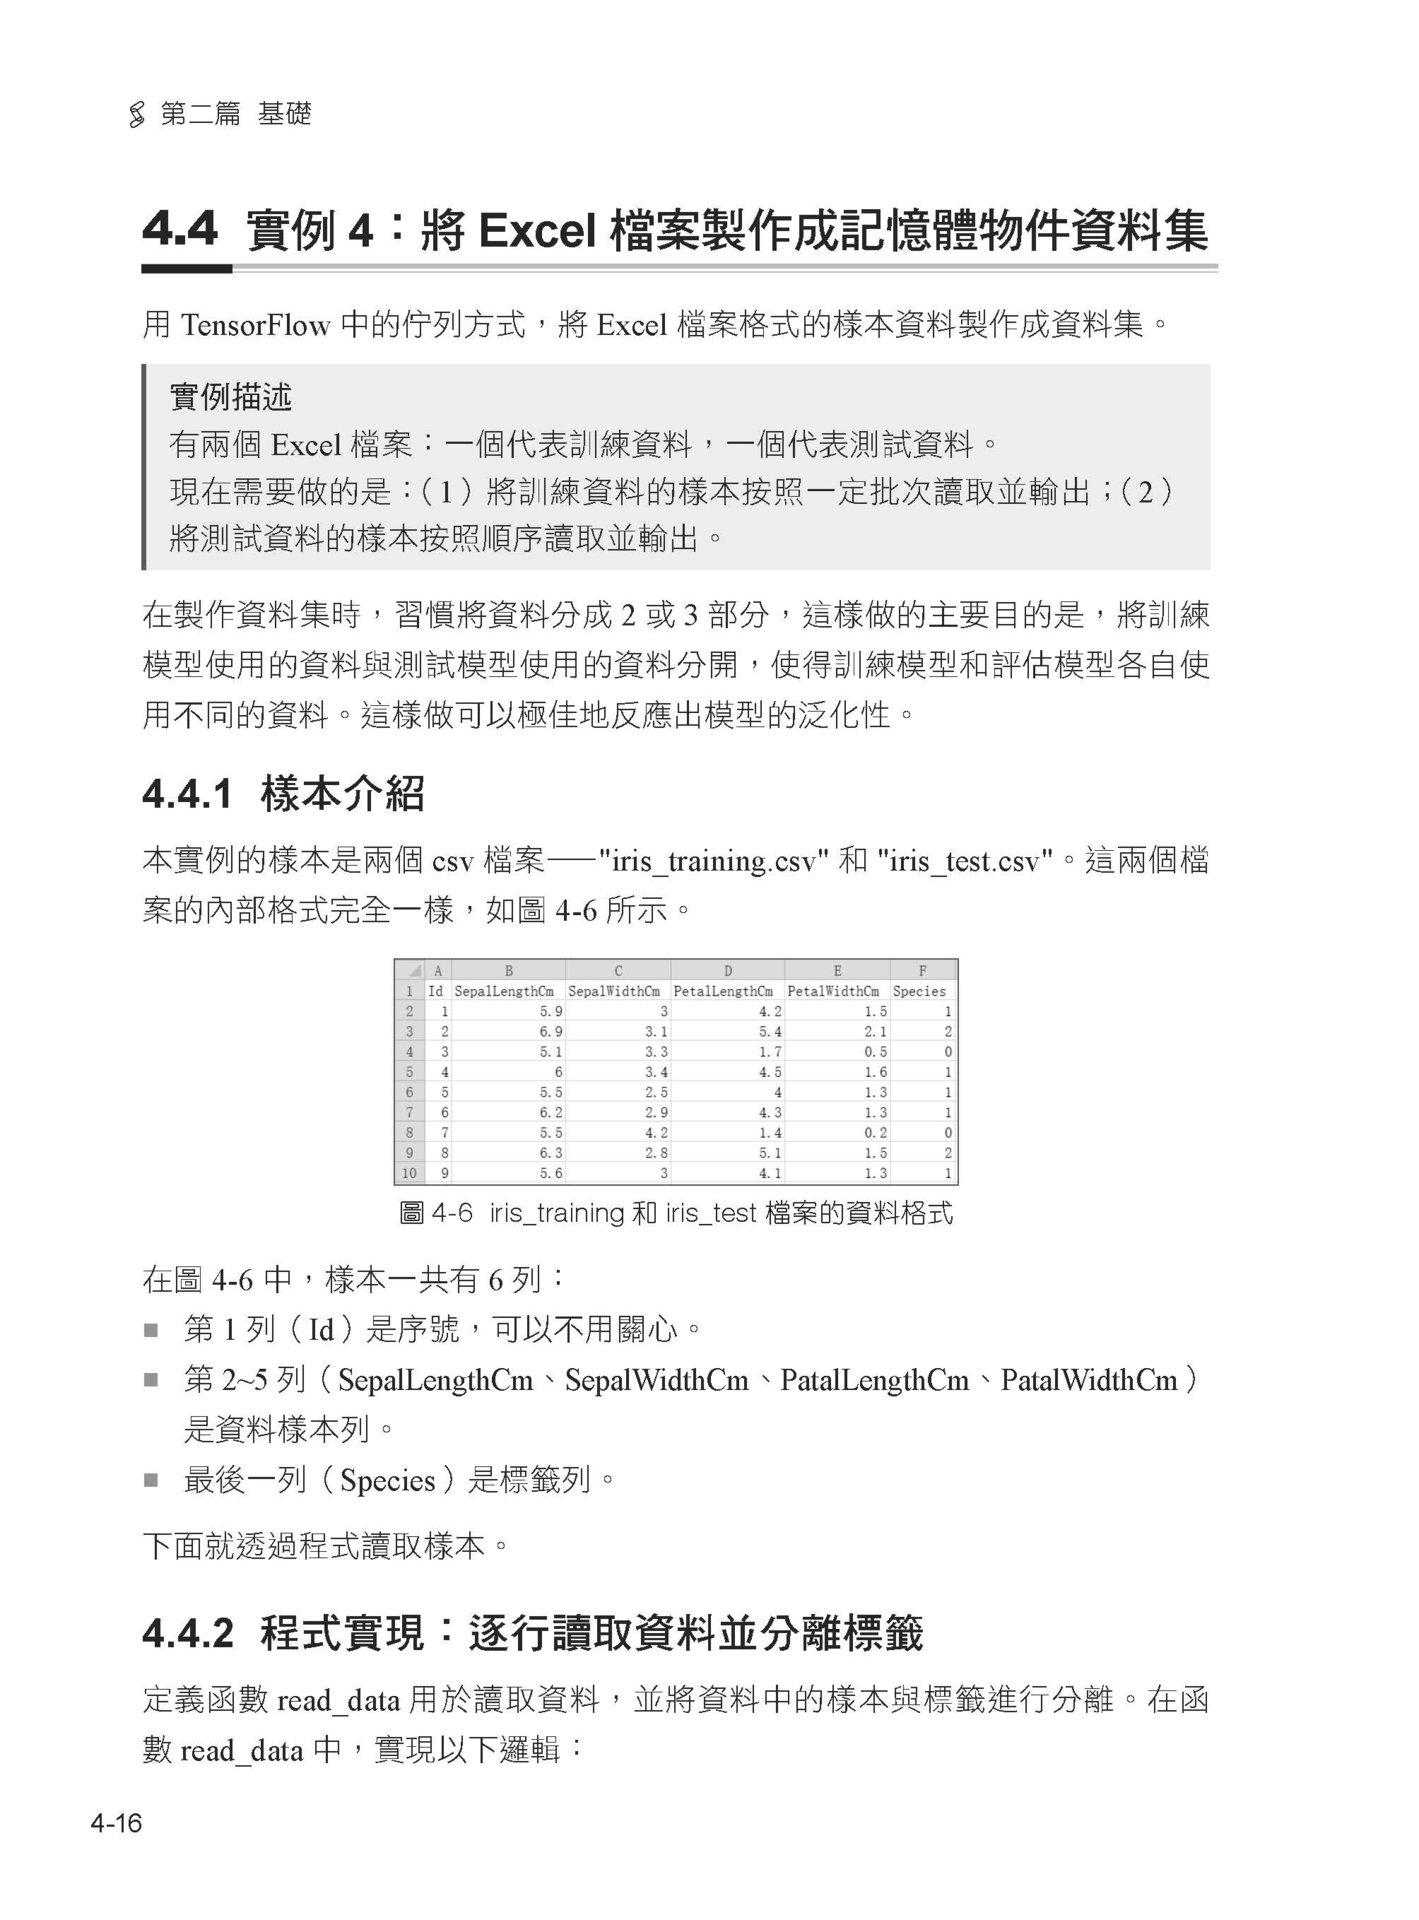 極詳細 + 超深入:最新版 TensorFlow 1.x/2.x 完整工程實作-preview-4